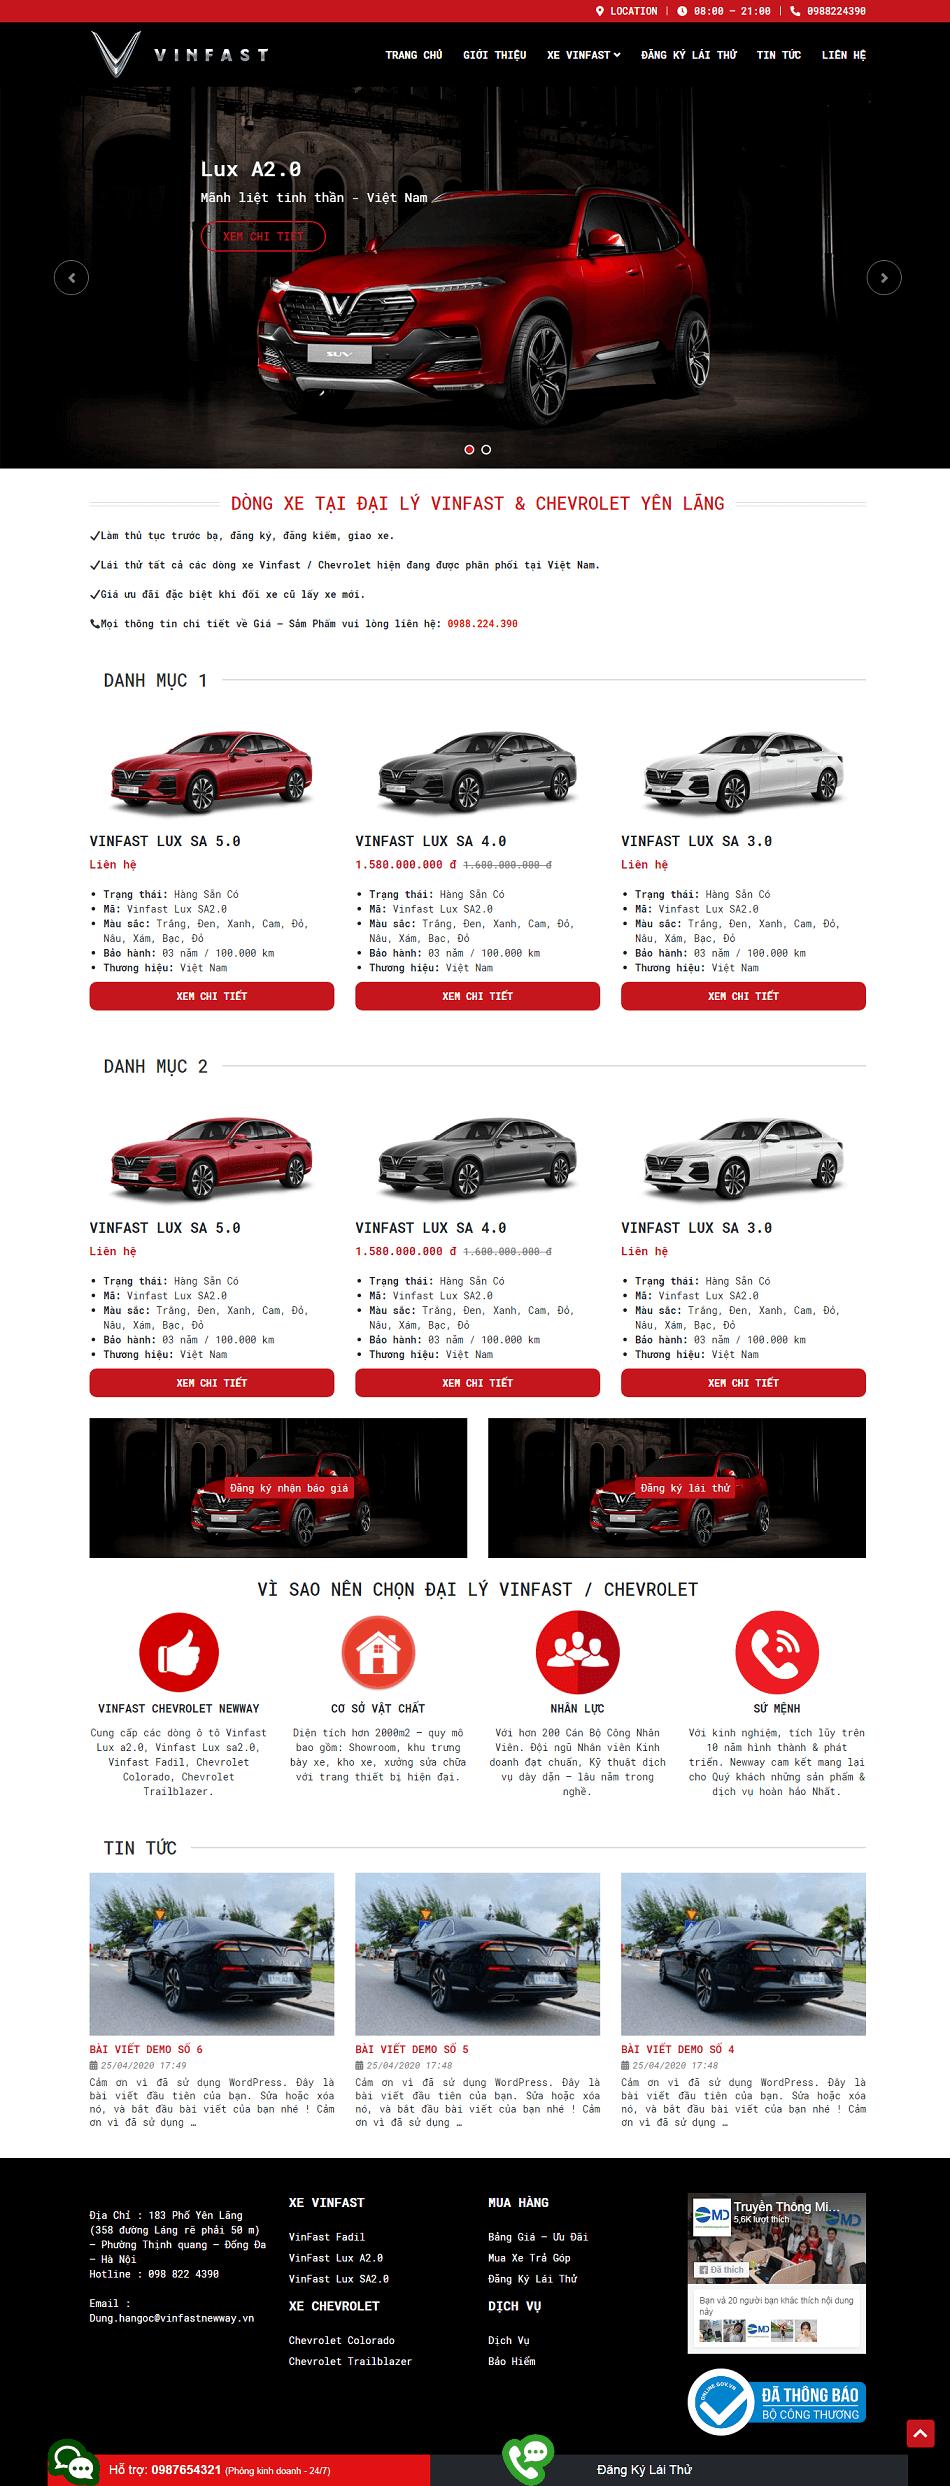 Web ô tô vinfast mới